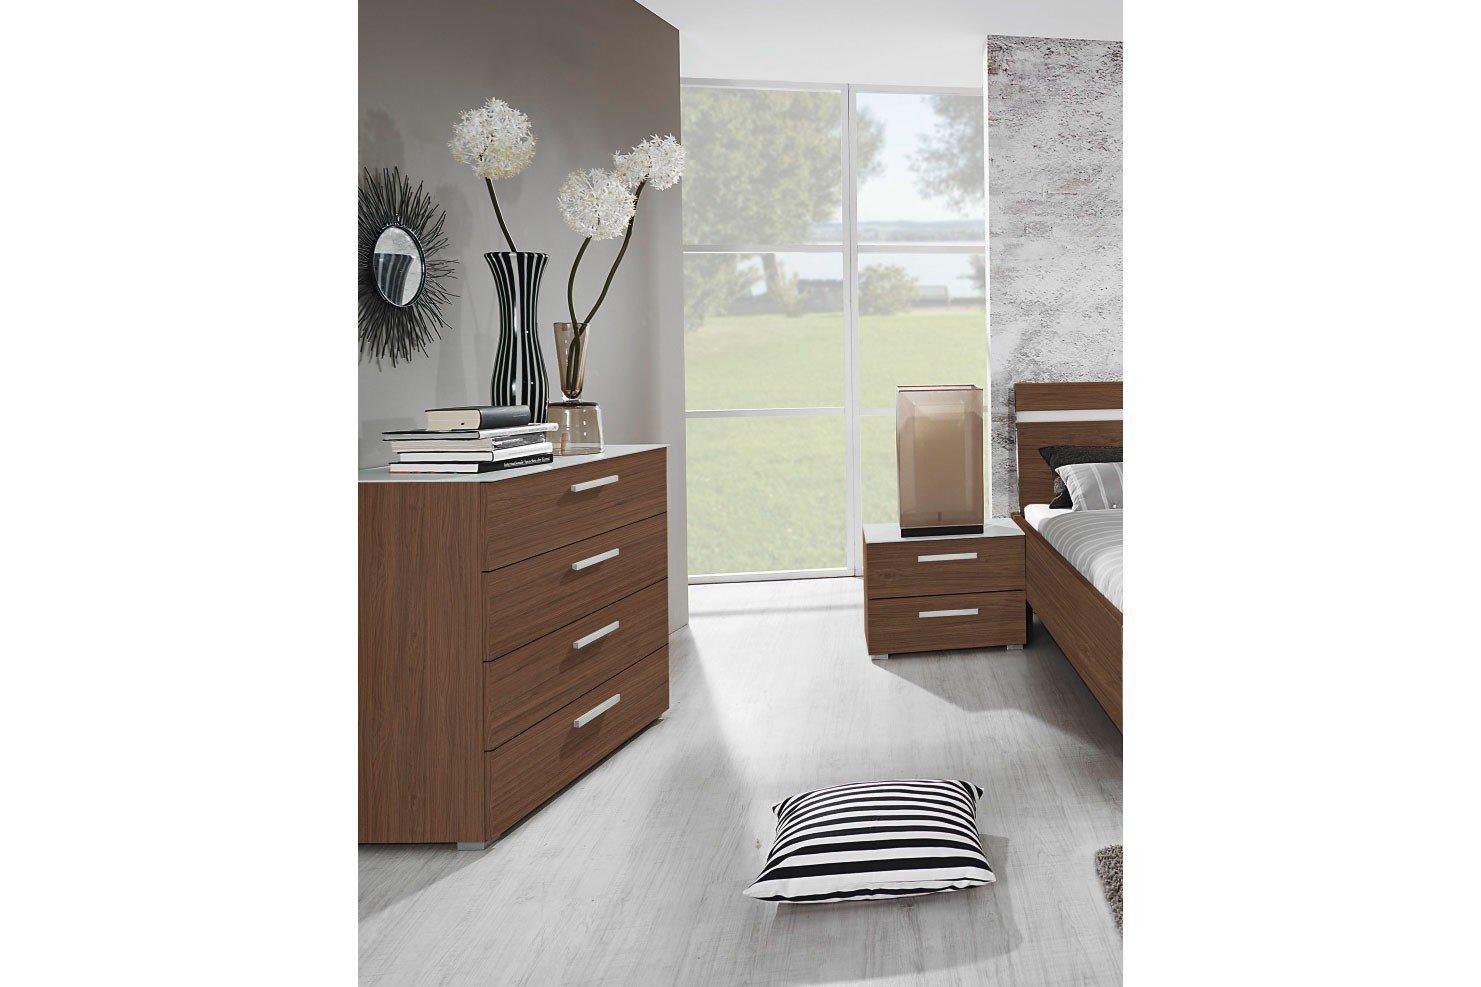 rauch kommode nussbaum innenr ume und m bel ideen. Black Bedroom Furniture Sets. Home Design Ideas